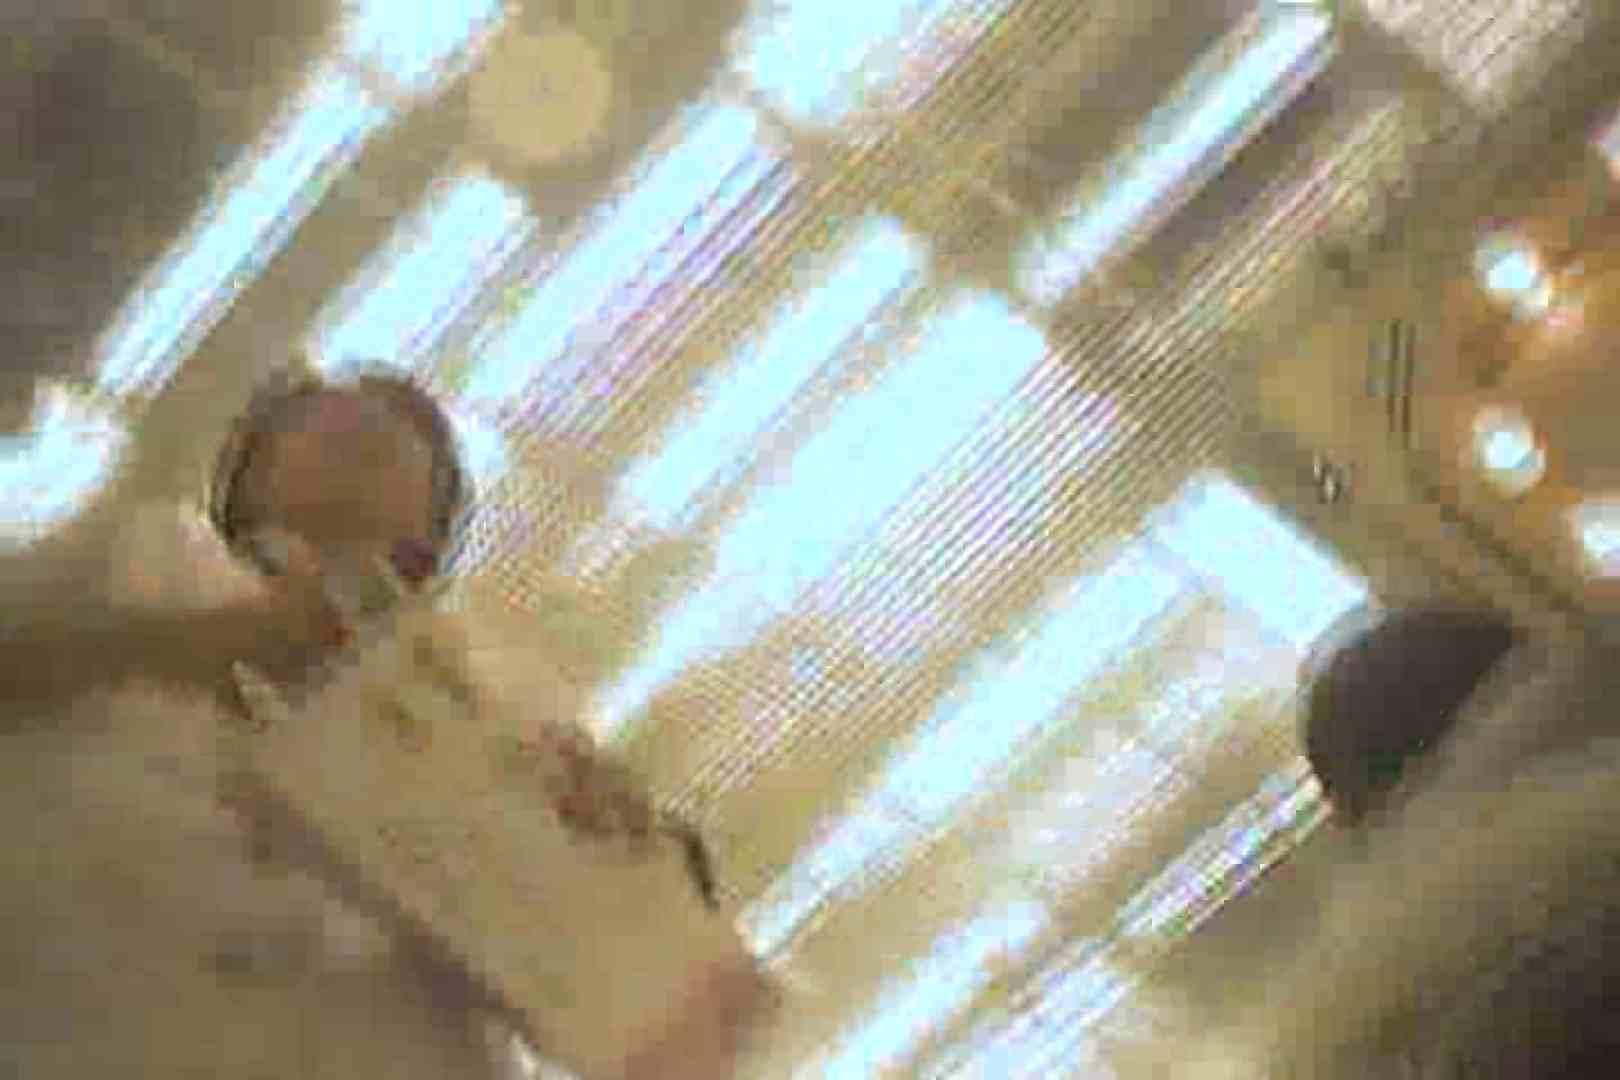 デパートローアングル徘徊 靴カメ盗撮Vol.4 OLの実態 盗撮アダルト動画キャプチャ 80pic 62